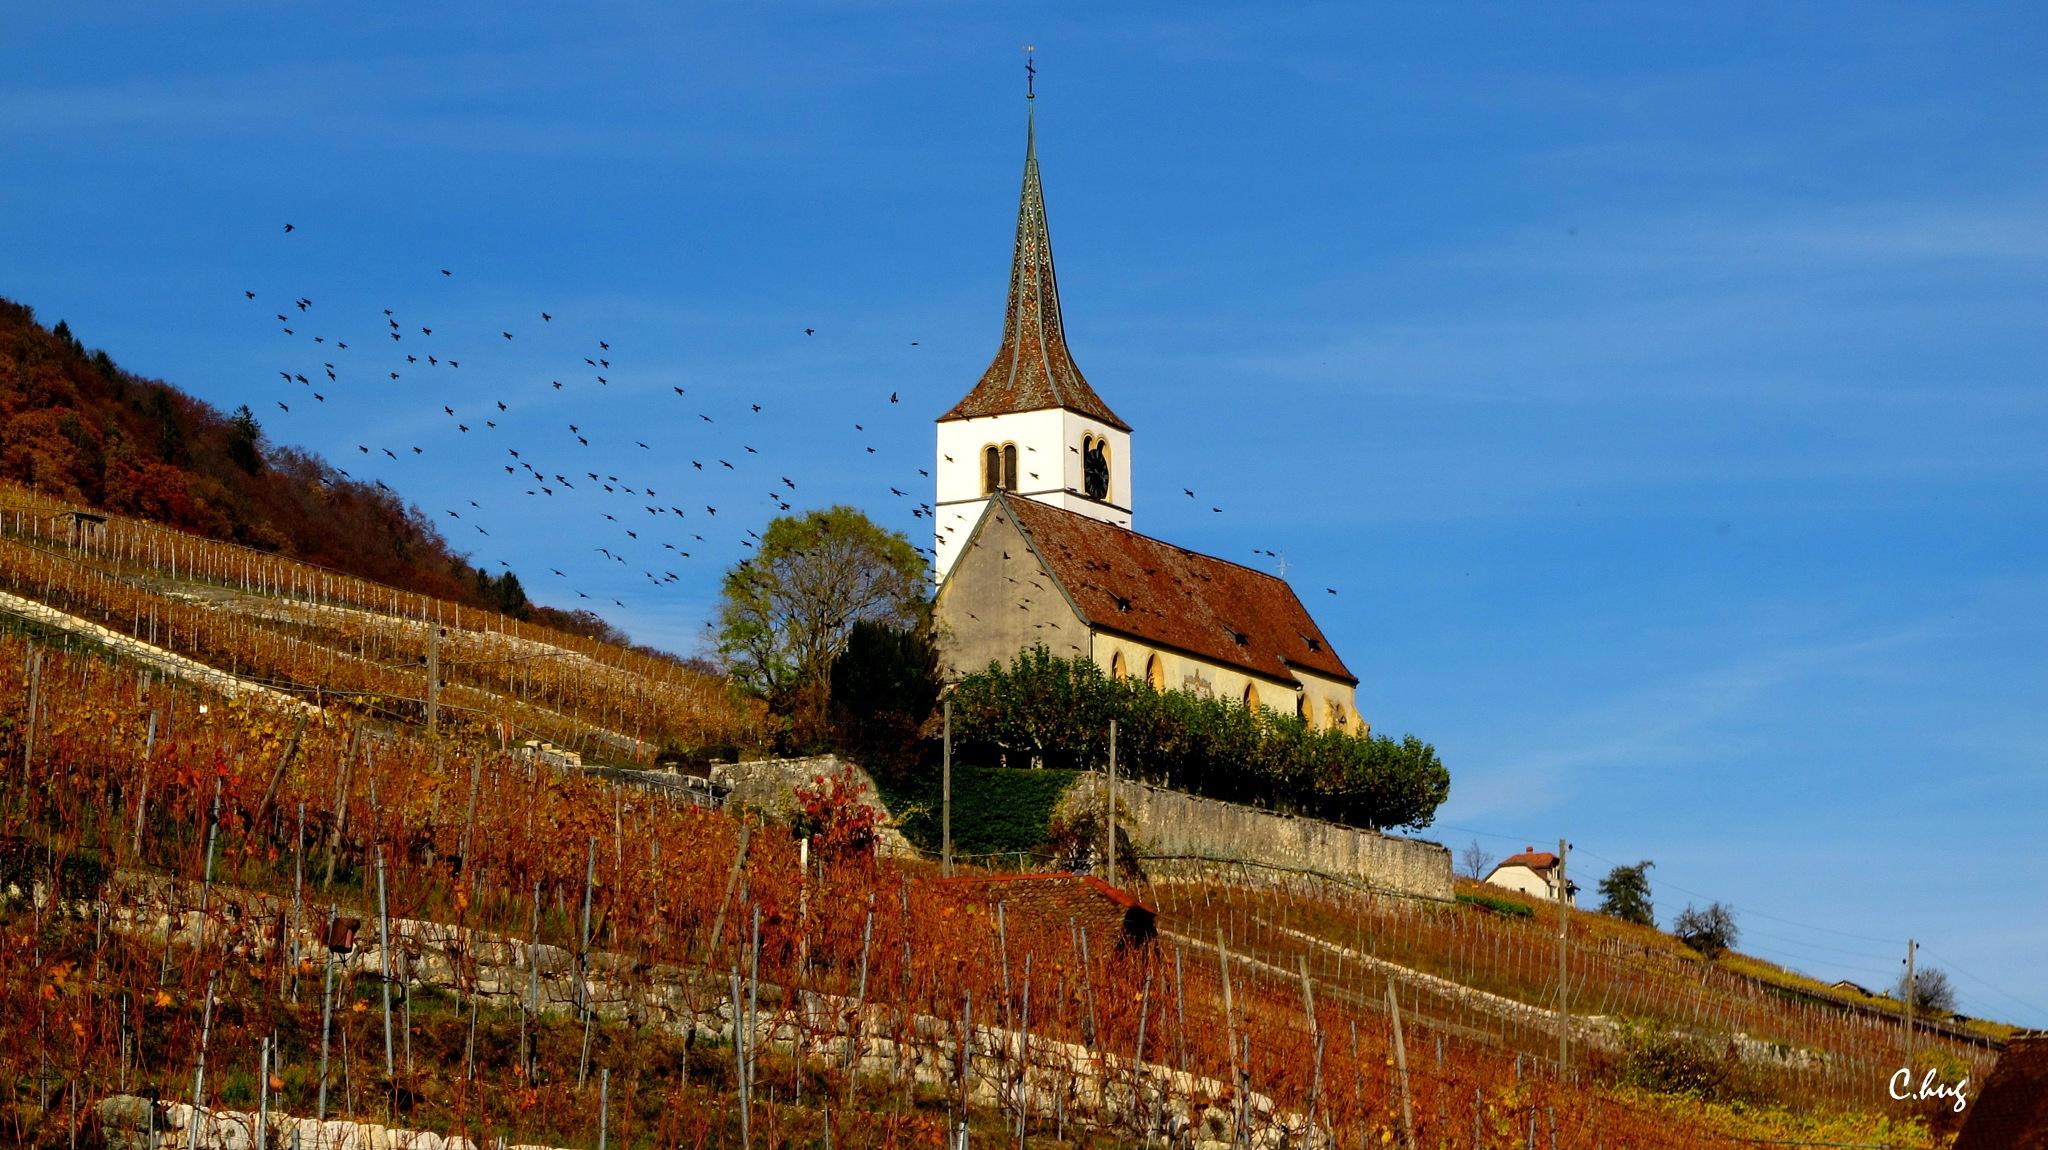 Eglise de Ligerz  by Huguenin Claude